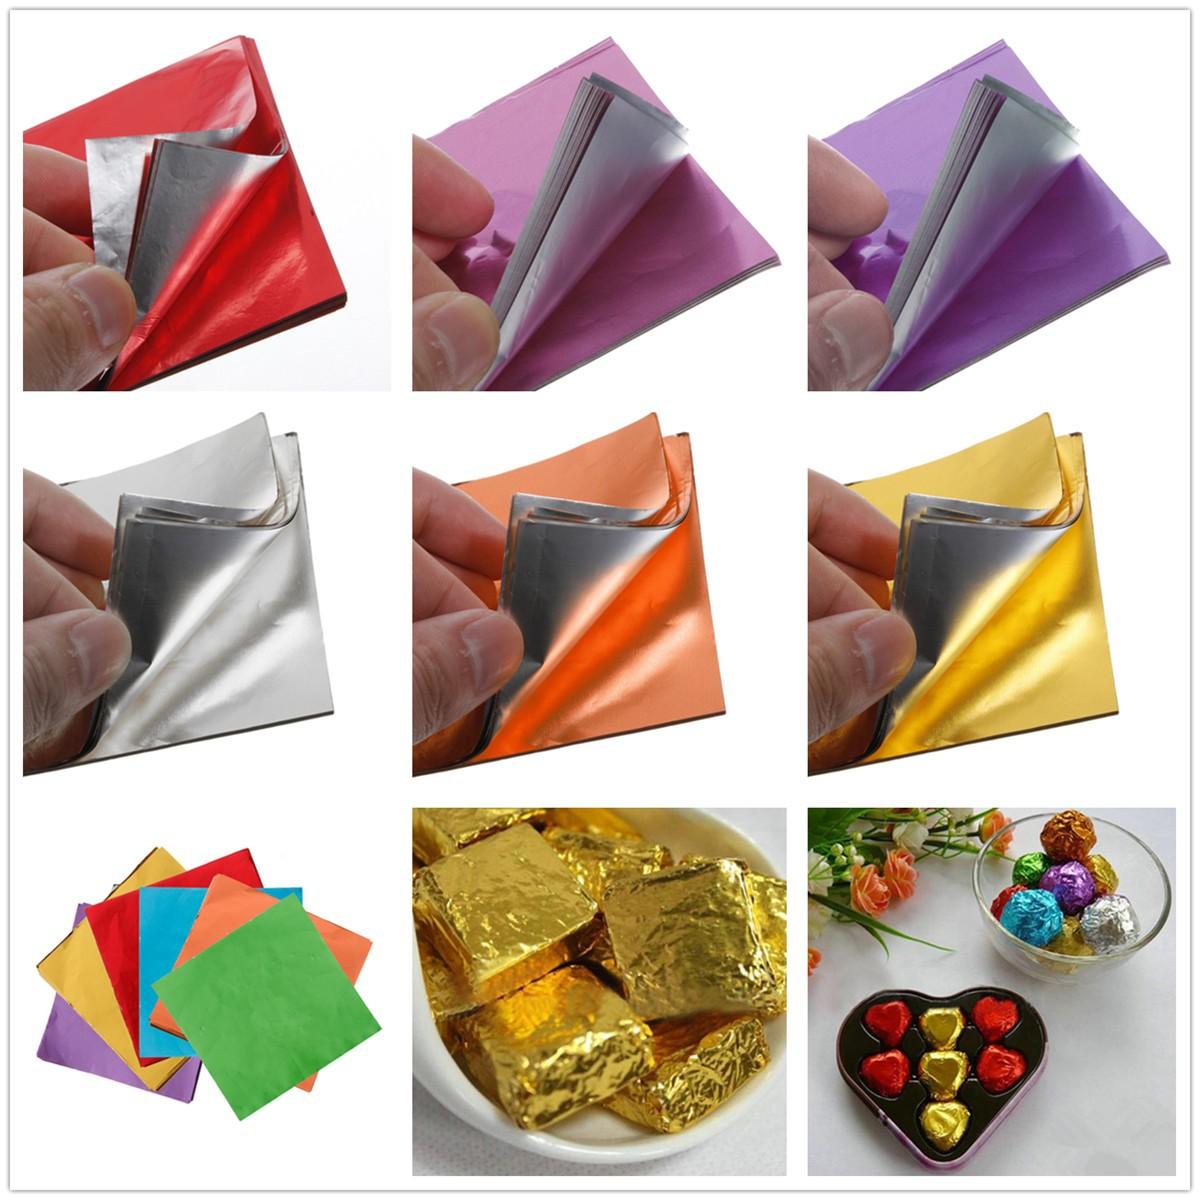 tempsa 100pcs papier aluminium pour d cor chocolat bonbon vert achat vente emballage. Black Bedroom Furniture Sets. Home Design Ideas